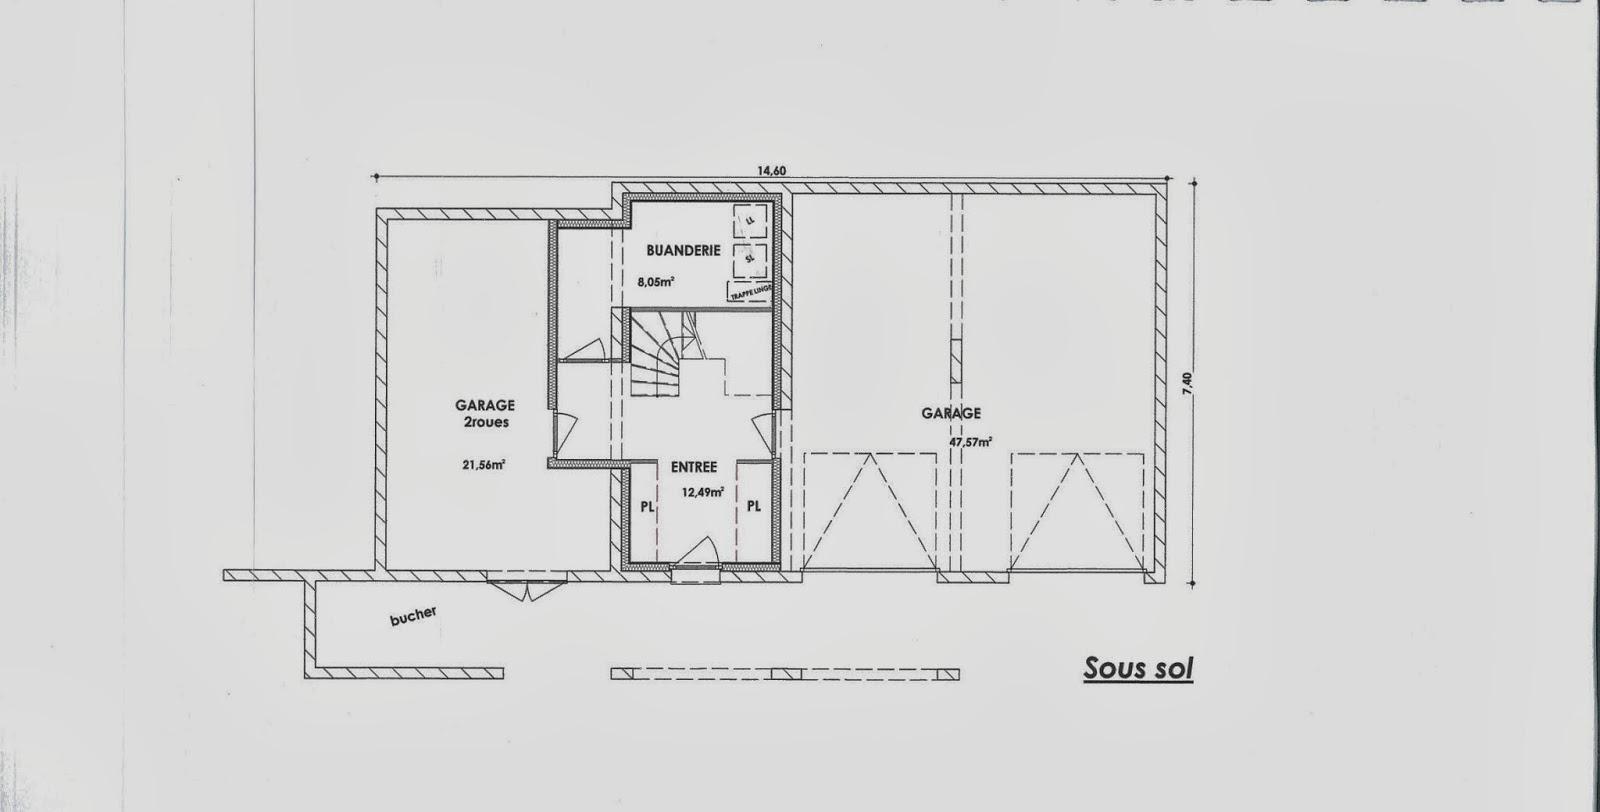 plan maison france confort awesome plan maison france. Black Bedroom Furniture Sets. Home Design Ideas